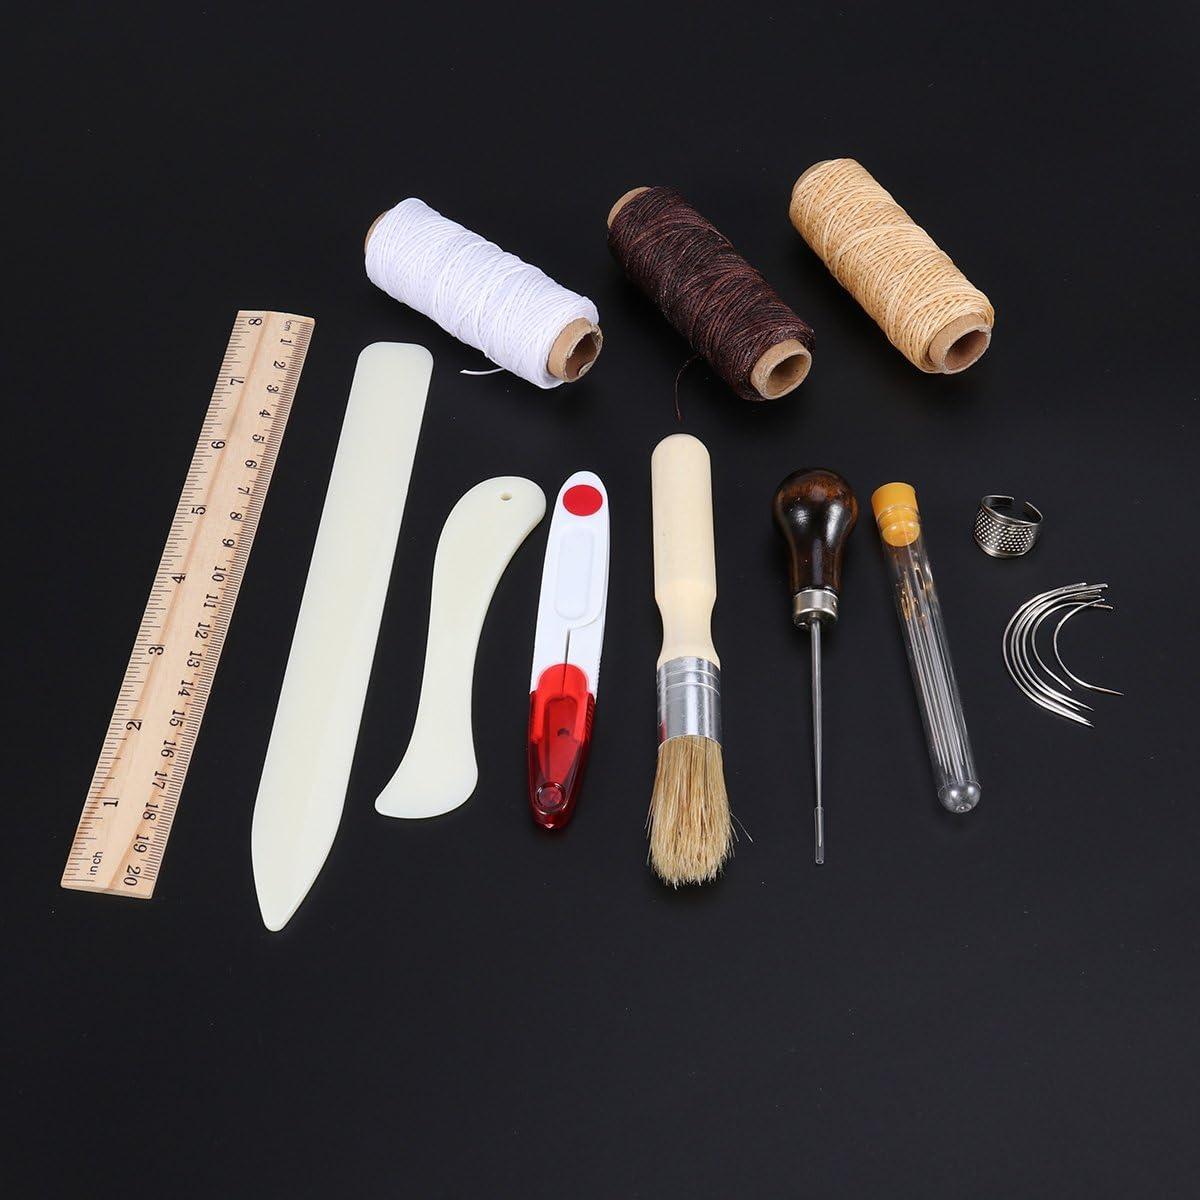 ULTNICE Ensemble de 23 outils pour la reliure manuelle et le travail du cuir